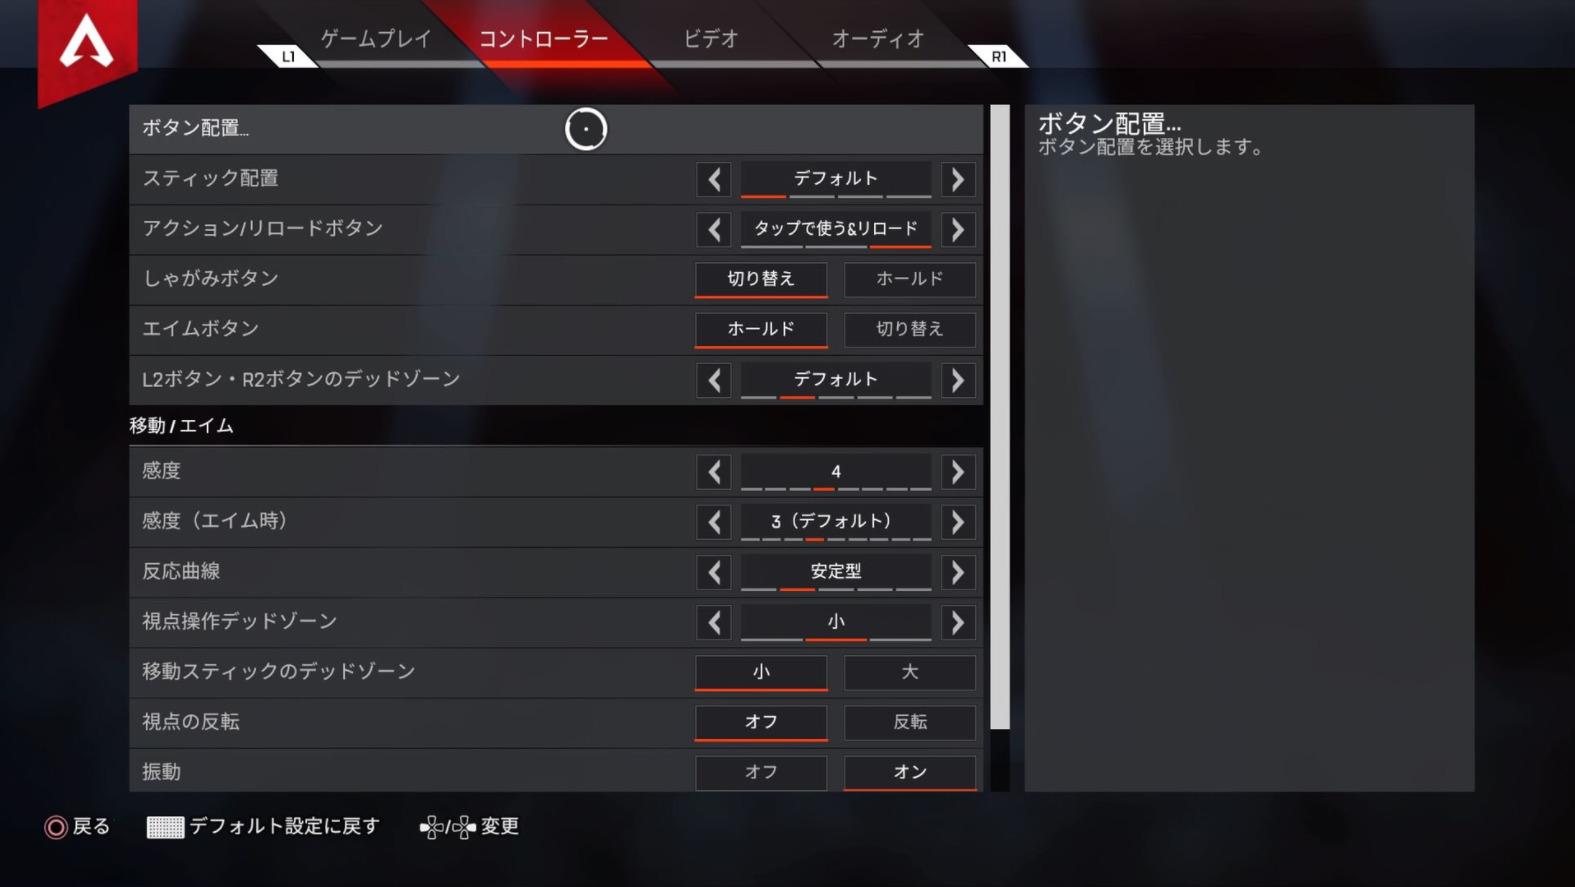 【Apex Legends】ストリーマー(ゲーム実況者)のキー配置(ボタン配置)・感度設定・ 使用している周辺機器(デバイス)まとめ